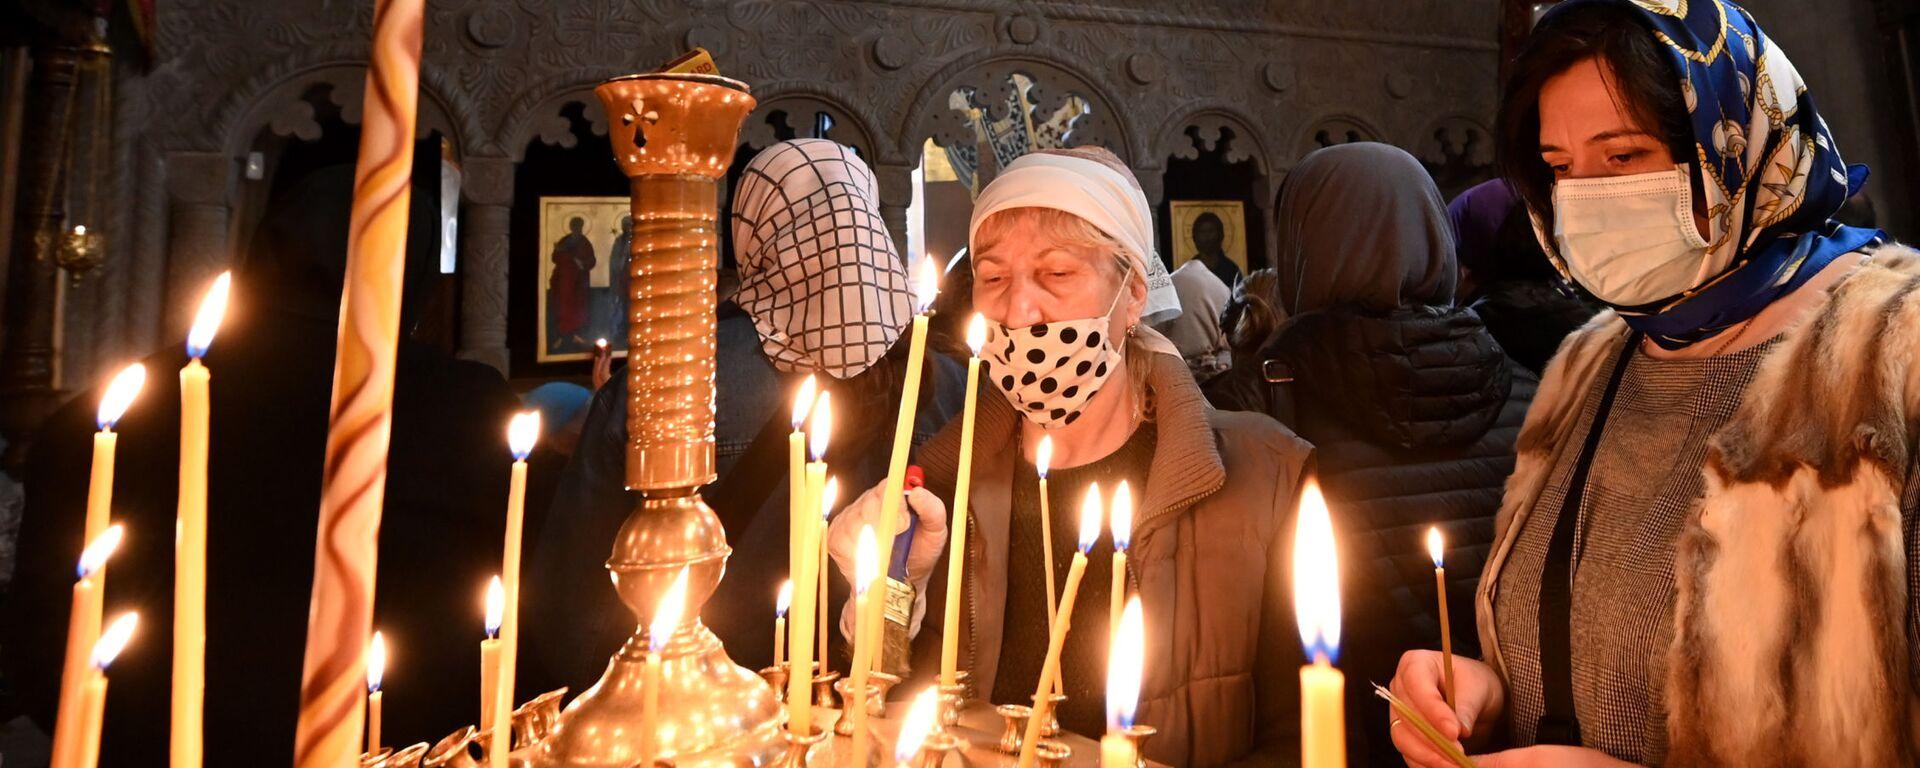 Православные верующие молятся в церкви - Sputnik Грузия, 1920, 26.04.2021